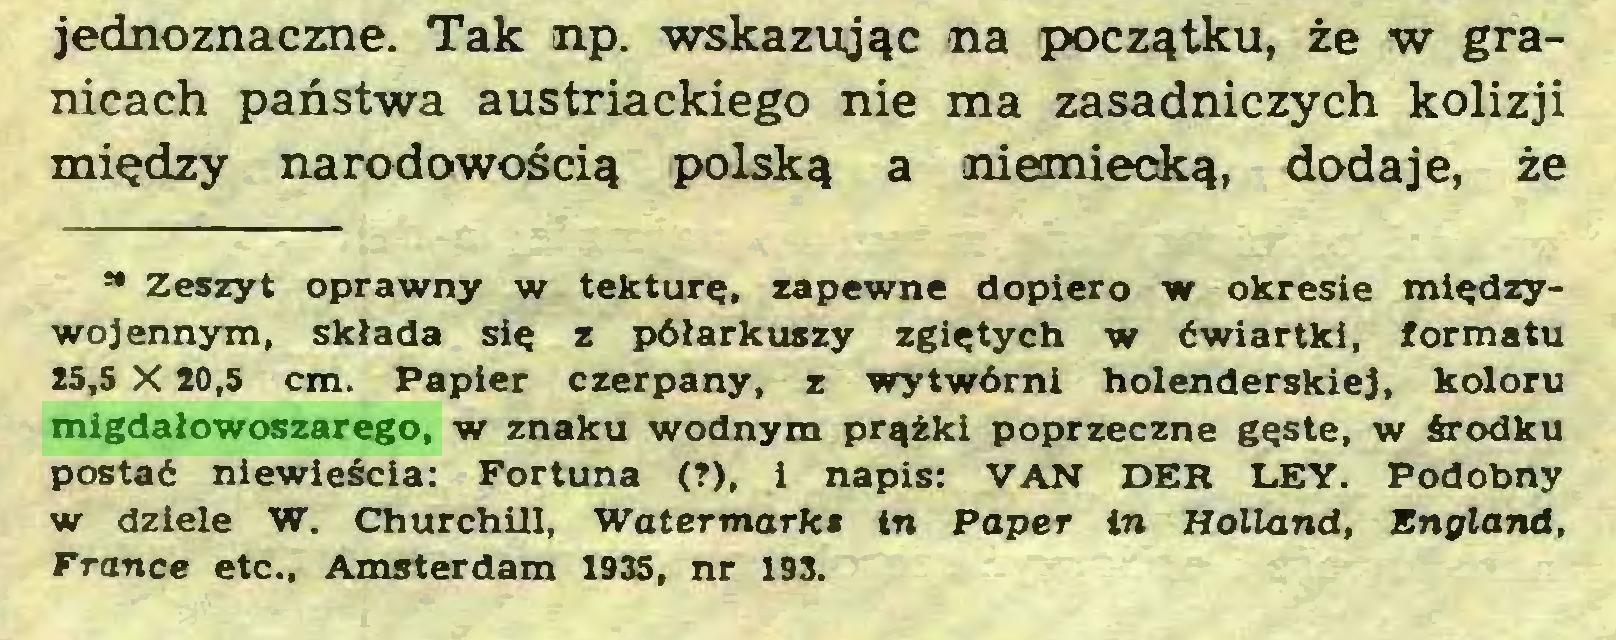 (...) jednoznaczne. Tak np. wskazując na początku, że w granicach państwa austriackiego nie ma zasadniczych kolizji między narodowością polską a ¡niemiecką, dodaje, że M Zeszyt oprawny w tekturę, zapewne dopiero w okresie międzywojennym, składa się z półarkuszy zgiętych w ćwiartki, formatu 15,5 X 20,5 cm. Papier czerpany, z wytwórni holenderskiej, koloru migdałowoszarego, w znaku wodnym prążki poprzeczne gęste, w środku postać niewieścia: Fortuna (?), i napis: VAN DER LEY. Podobny w dziele W. ChurchUl, Watermark» tn Paper in Holland, England, France etc., Amsterdam 1935, nr 193...